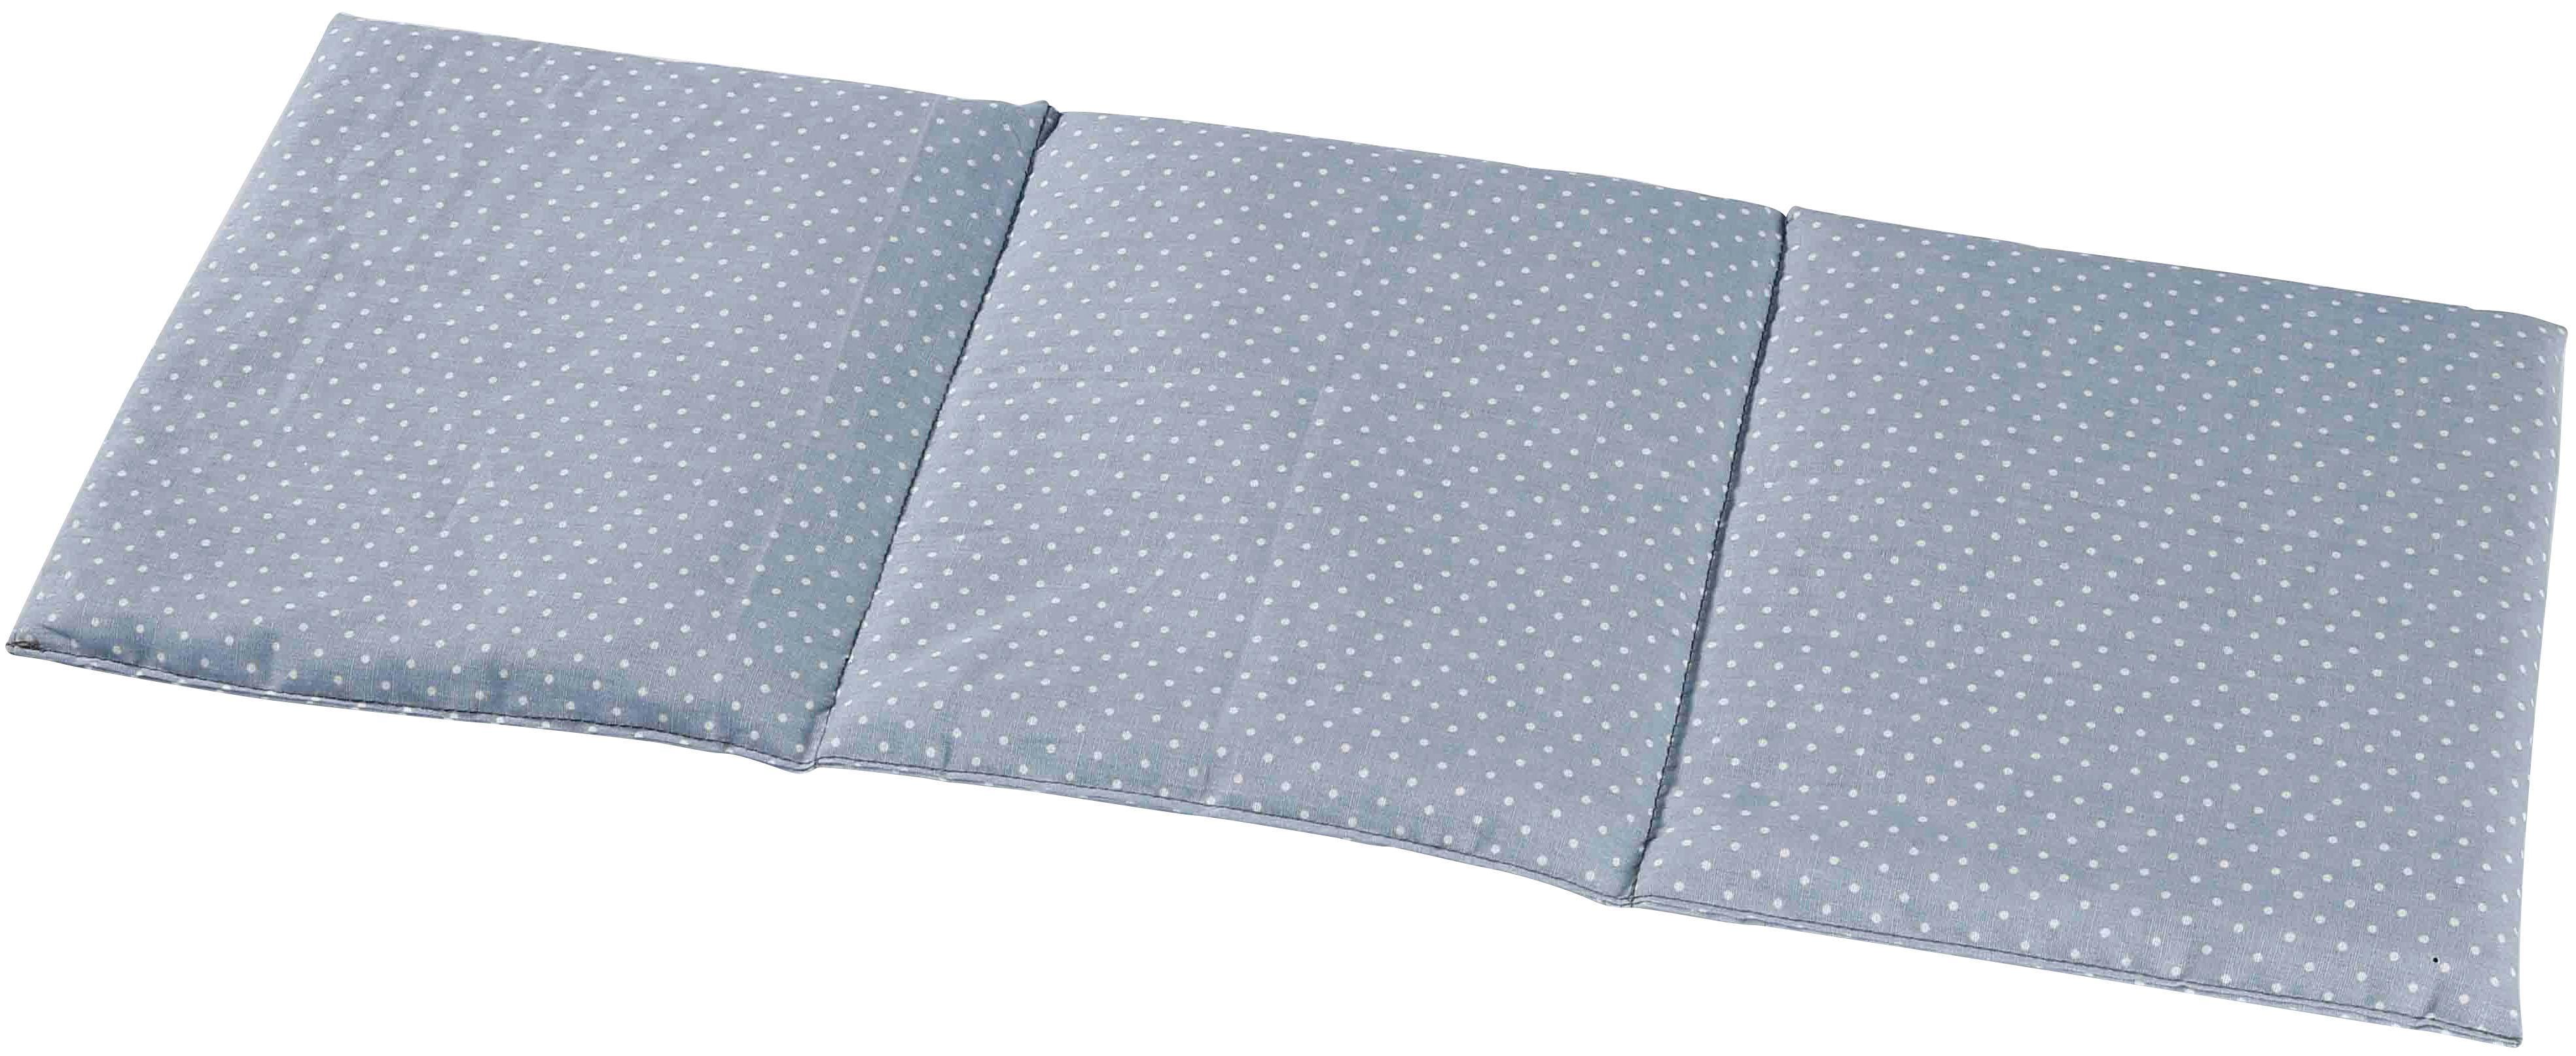 3-Kammer-Kopfkissen, »4235 3-Kammer Wärmekissen, 50x20 cm Pastellblau«, herbalind, Füllung: 100% Rapsamen, Bezug: 100% B